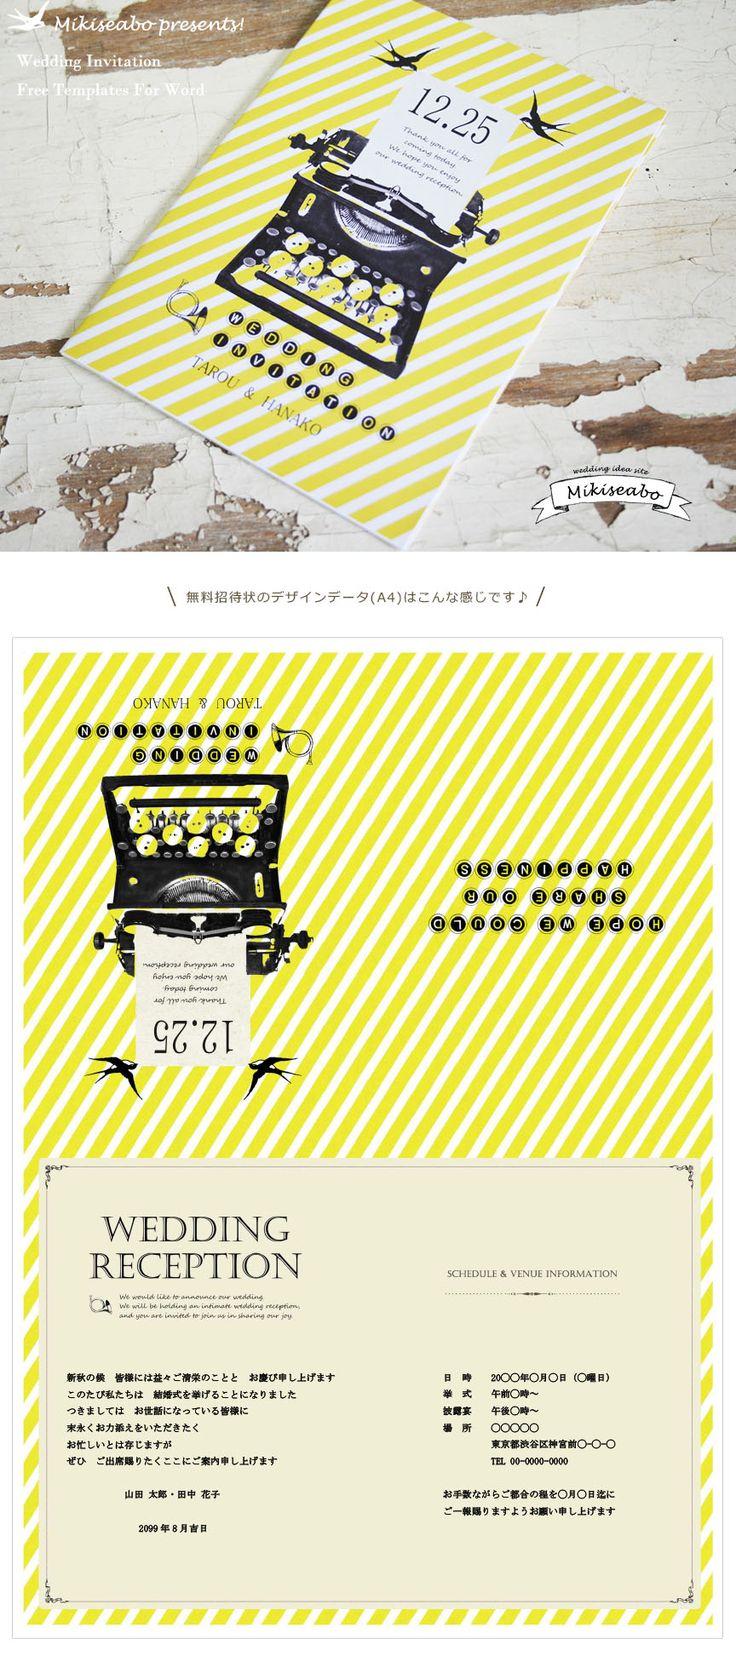 102 スタンプ風タイプライターの結婚式無料招待状 | Mikiseabo -ミキシーボ-